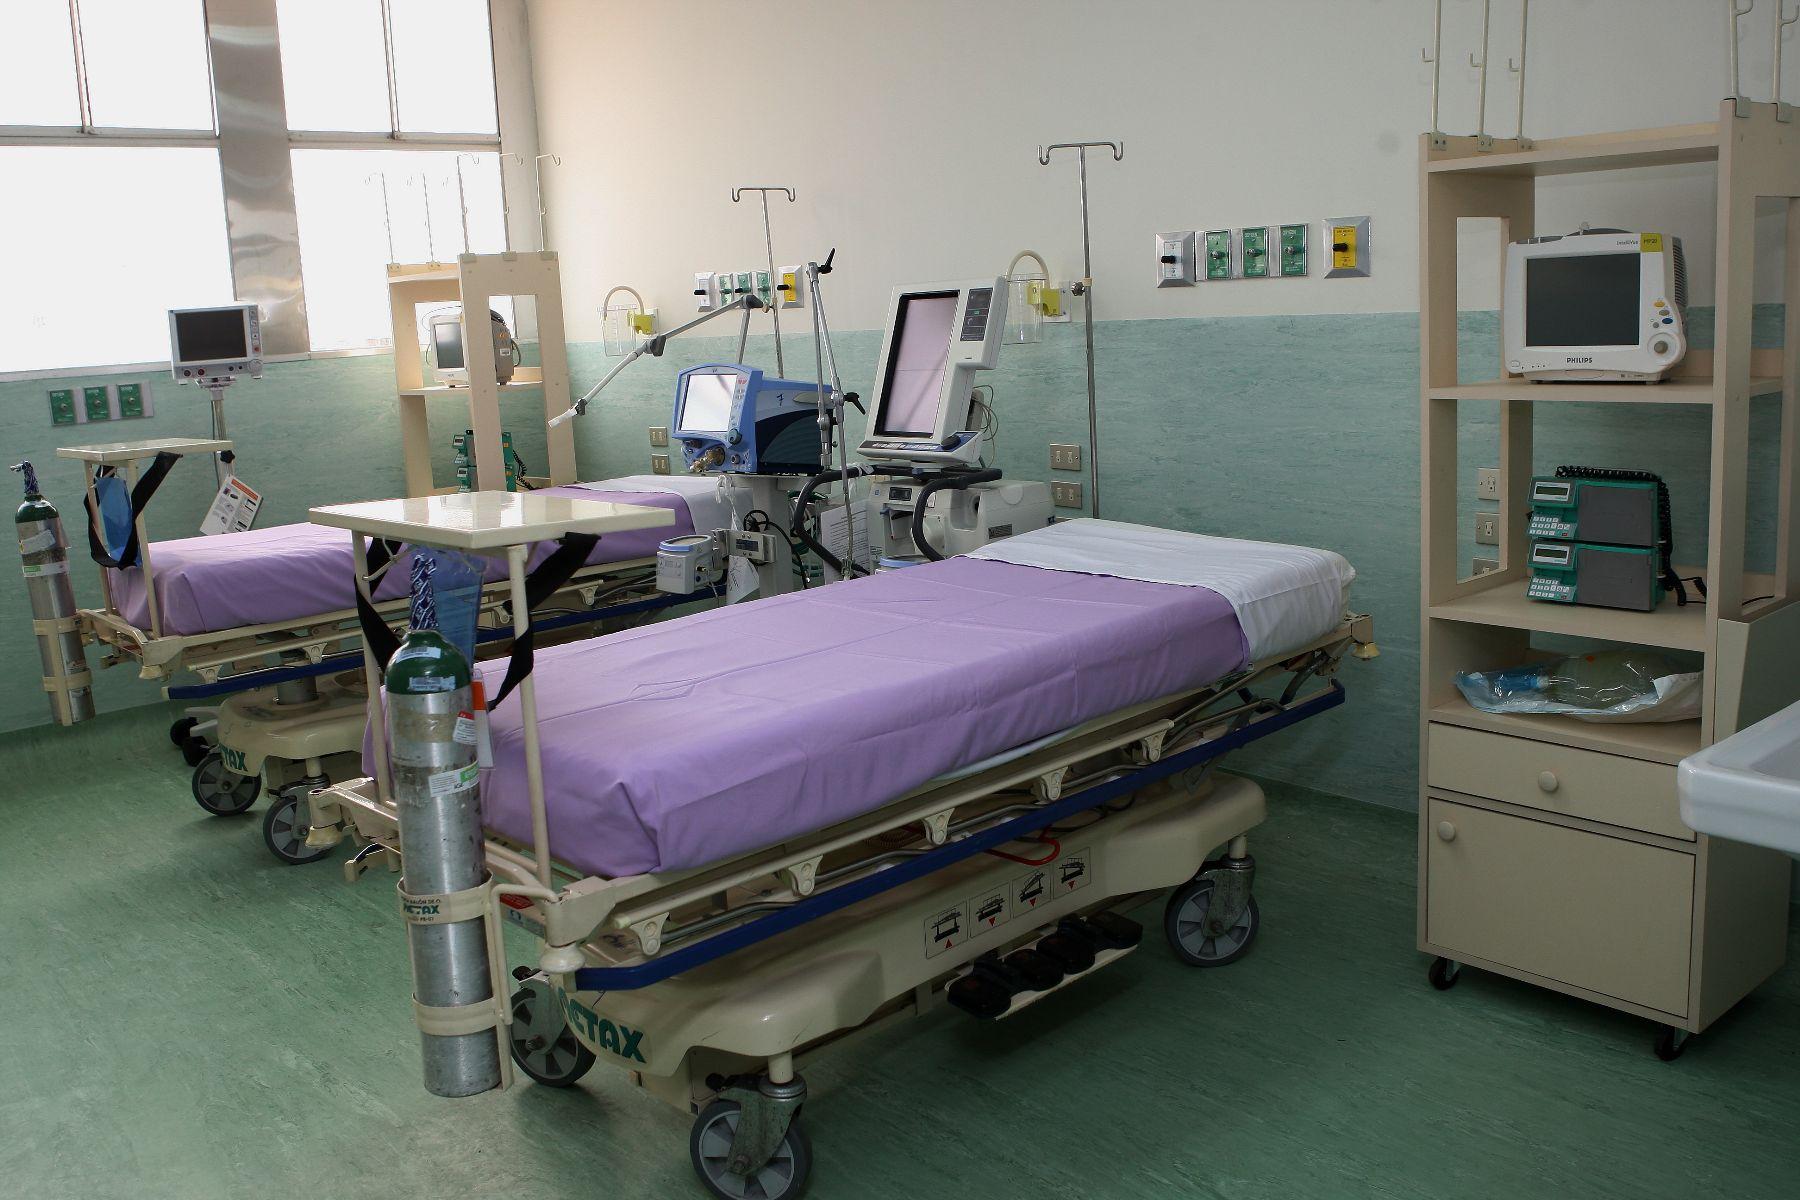 Inauguran remodelada unidad de cuidados intensivos del Instituto Nacional de Salud del Niño. Foto: ANDINA/Norman Córdova.